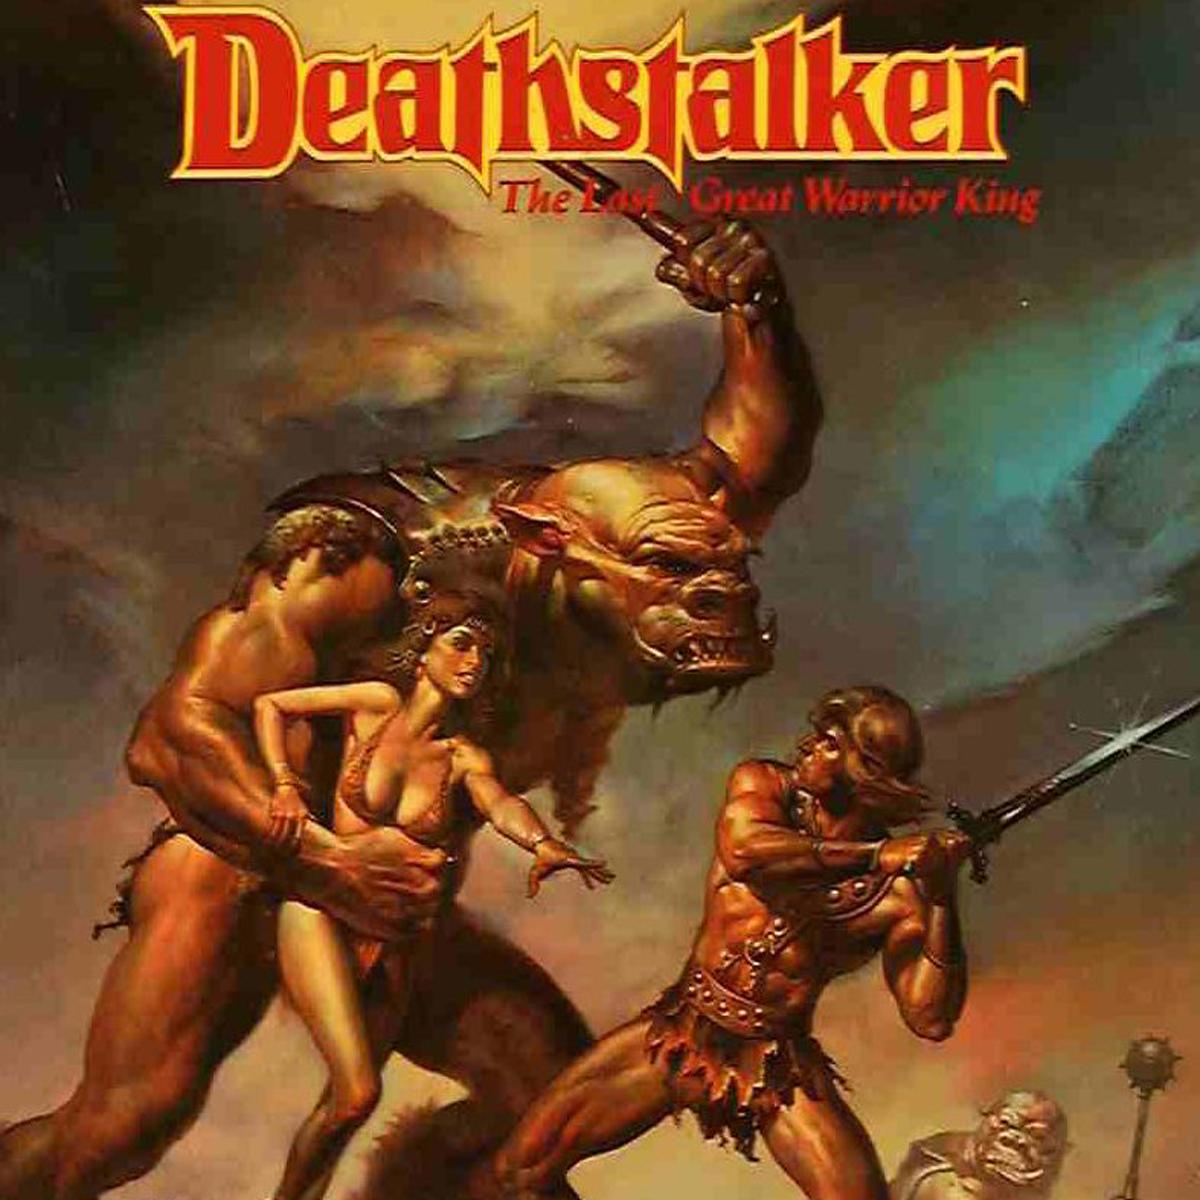 ISTYA Deathstalker movie review